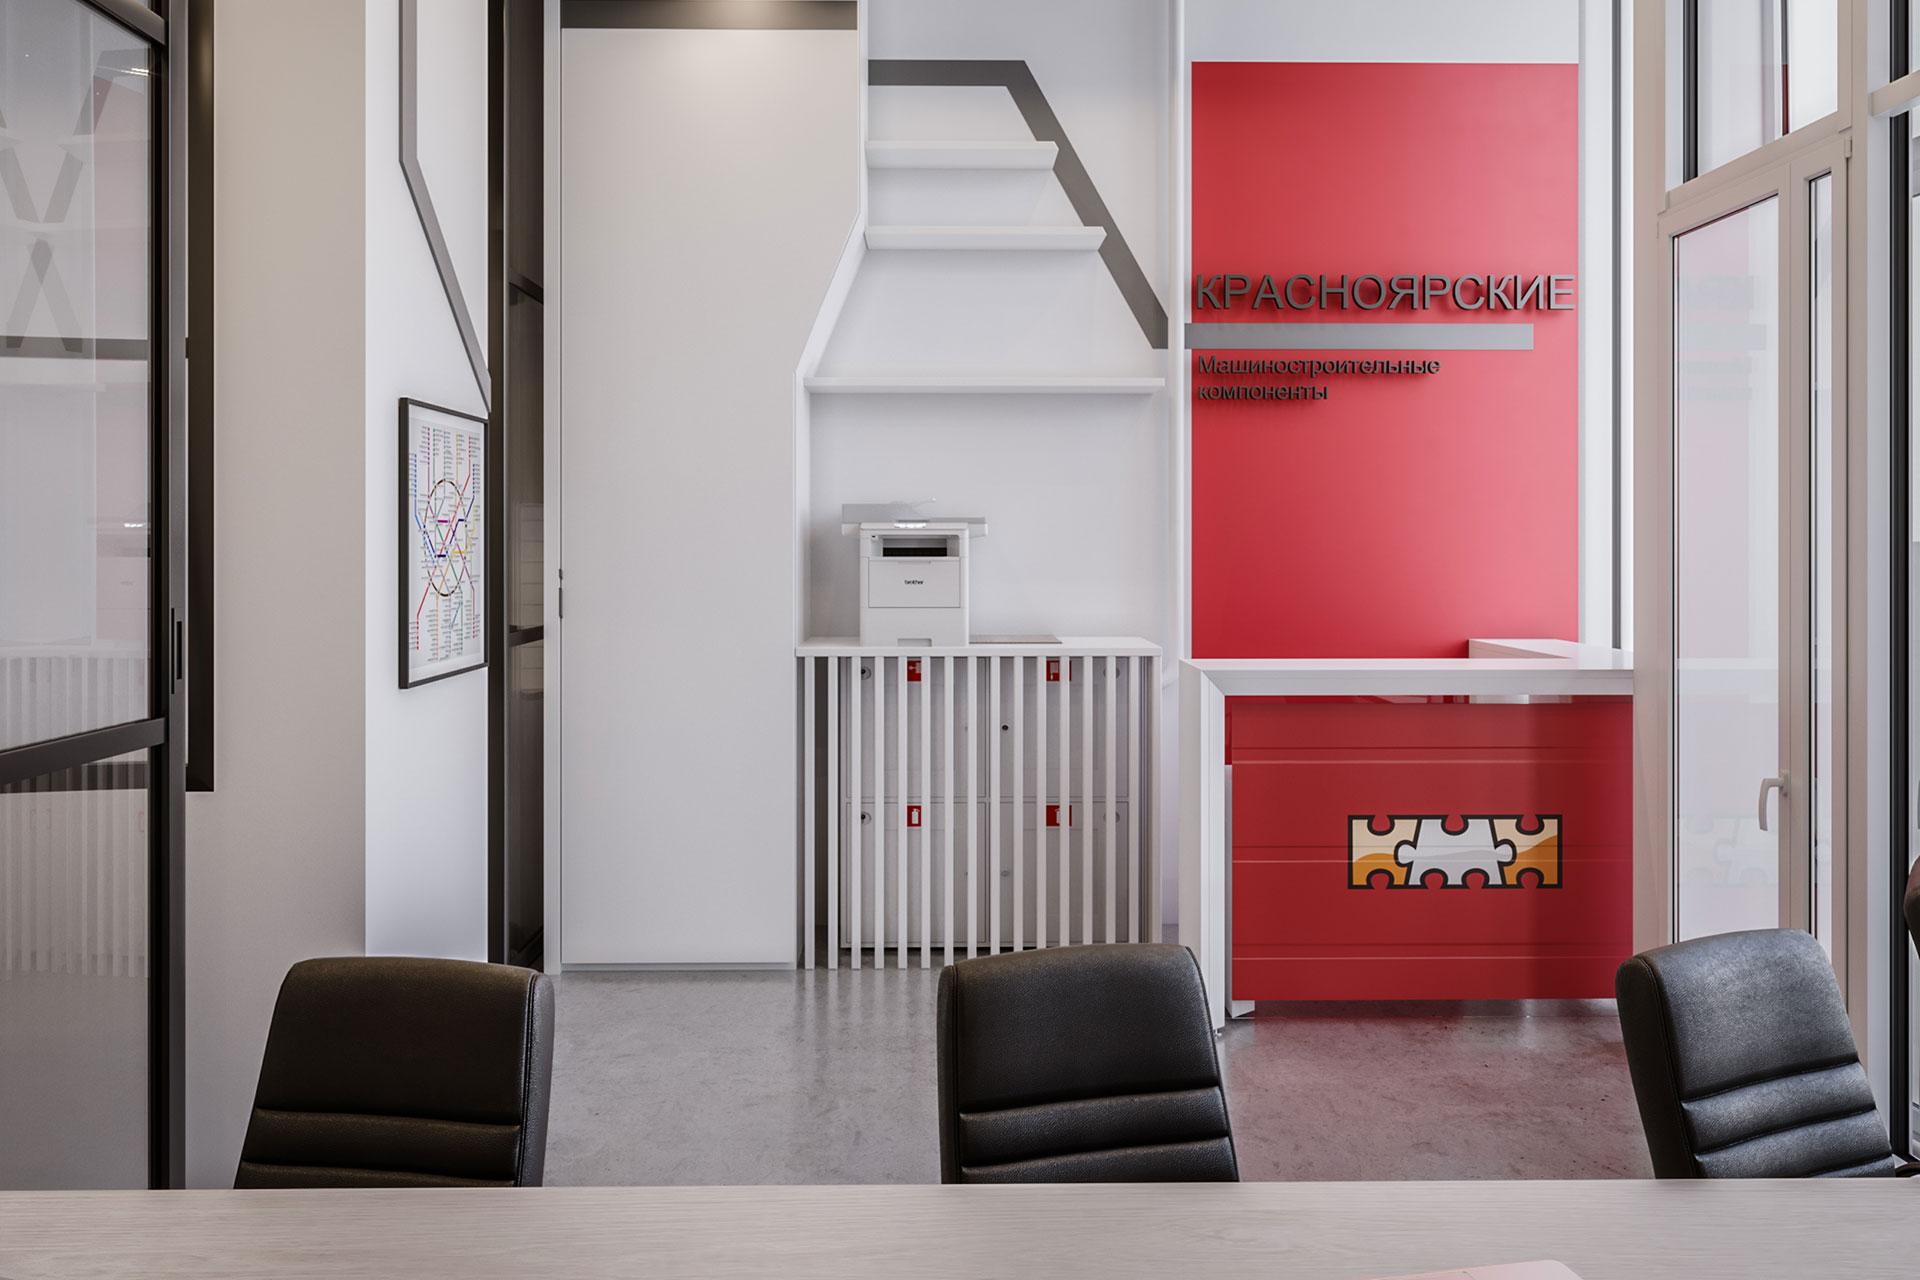 Дизайн интерьера небольшого офиса